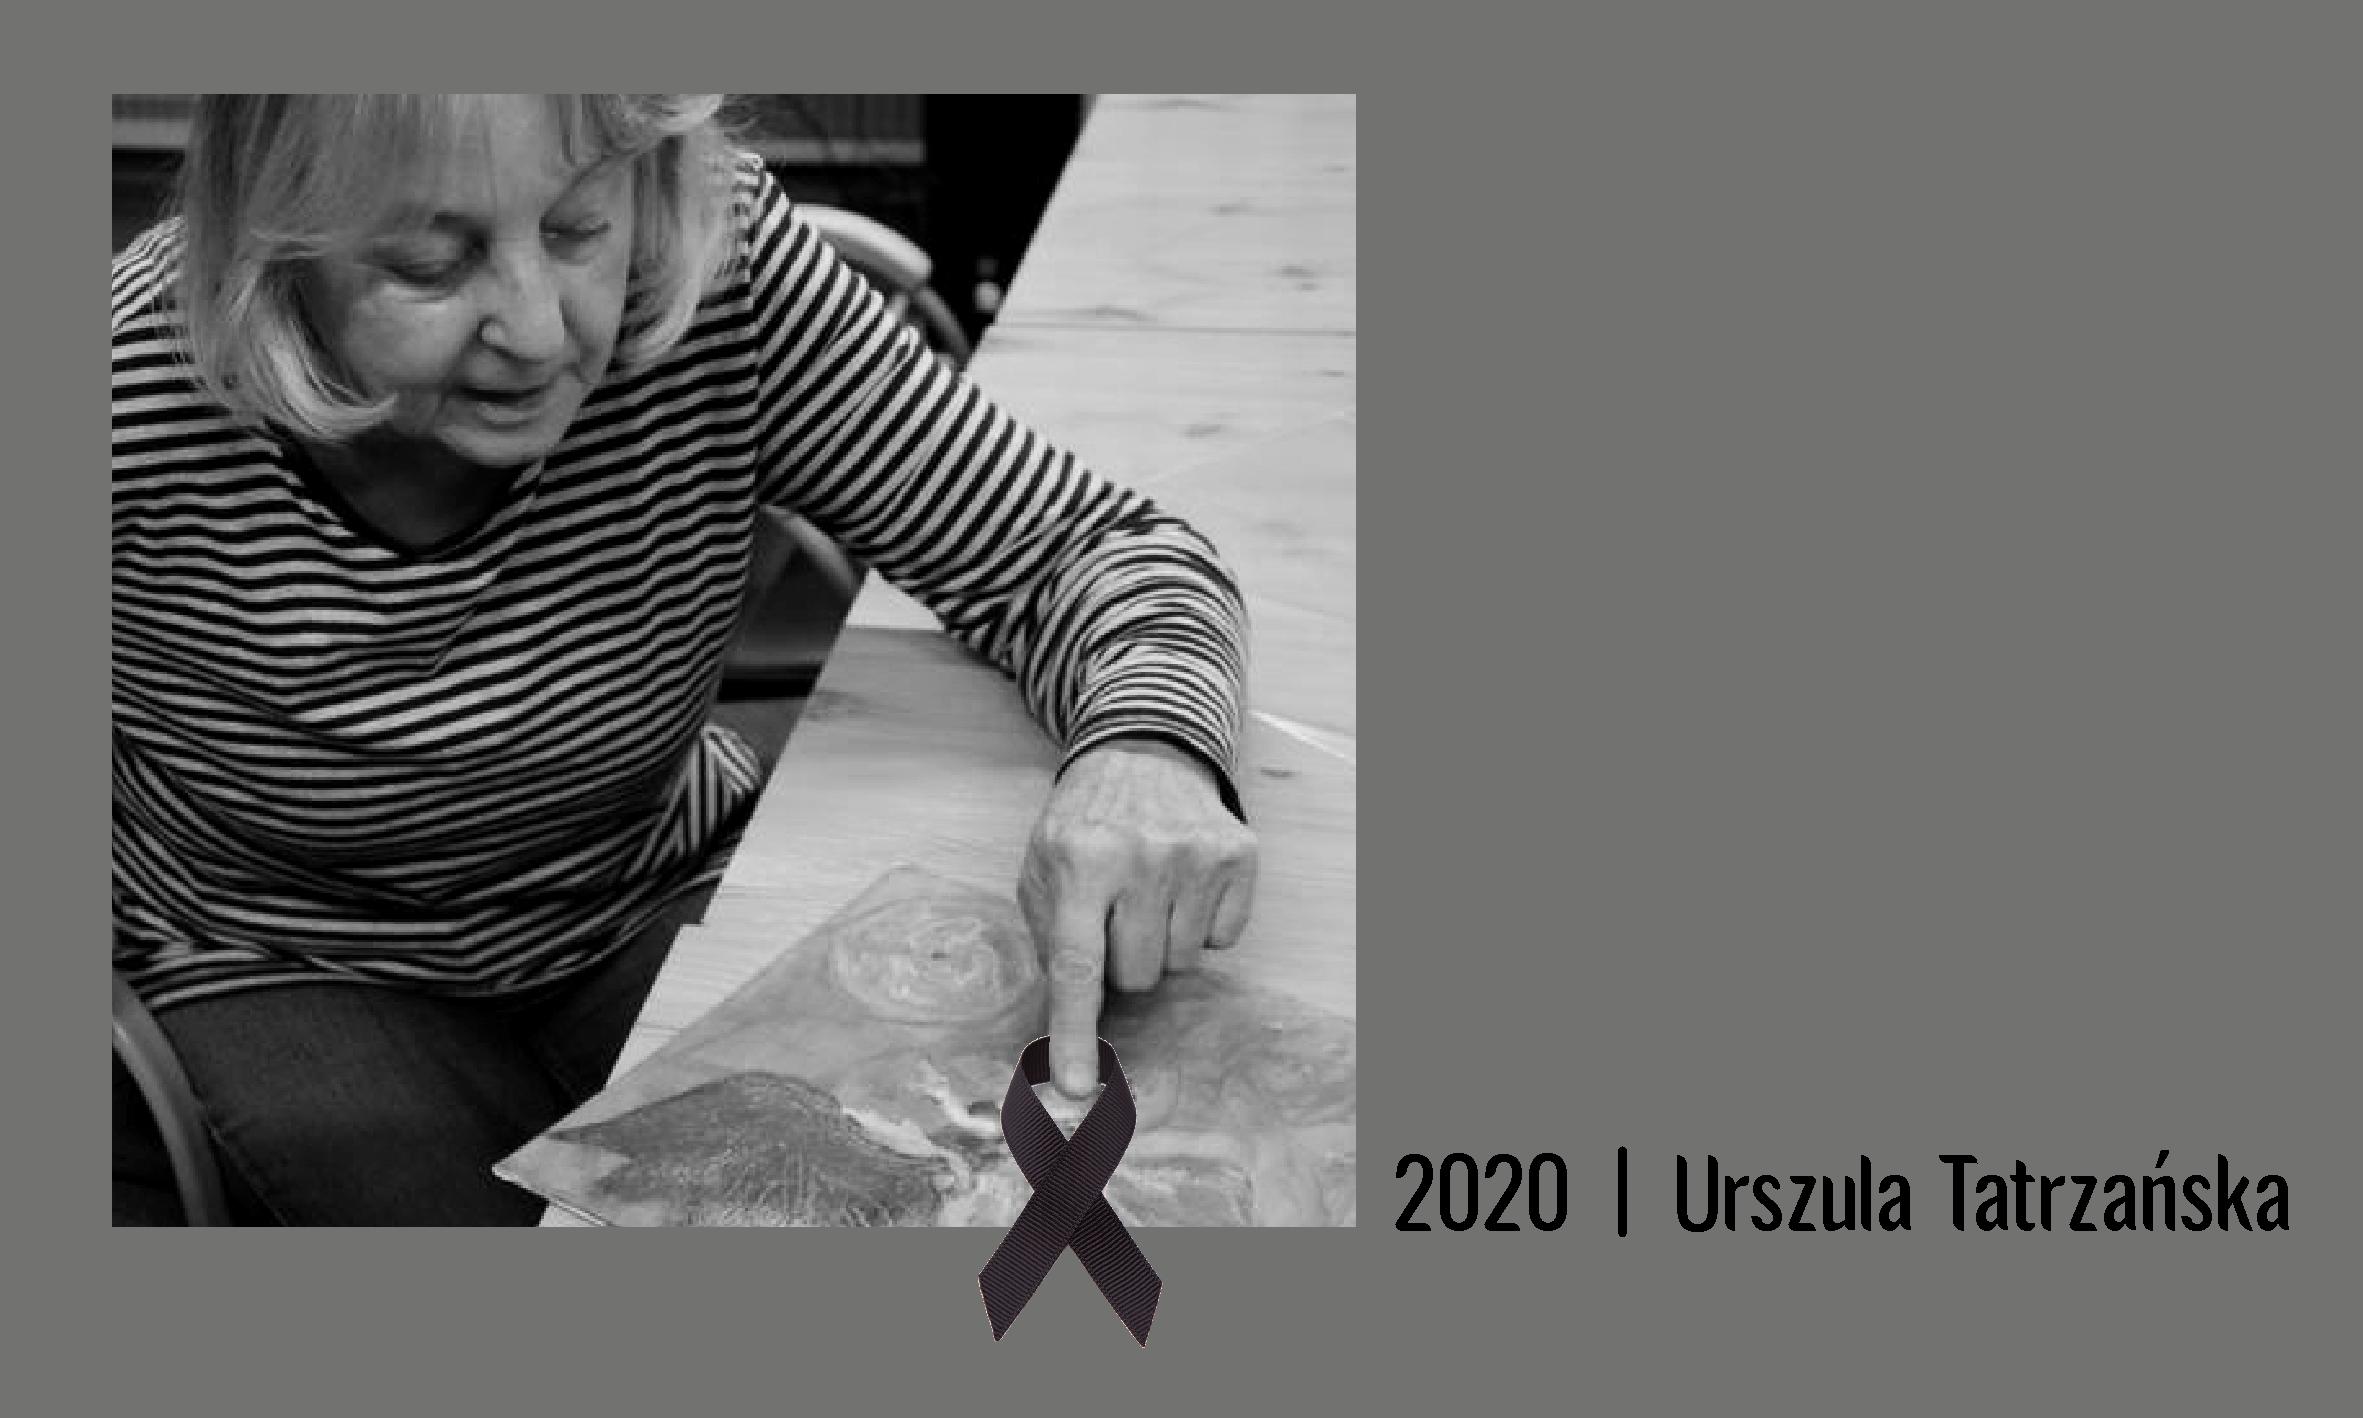 Pamięci Urszuli Tatrzańskiej…